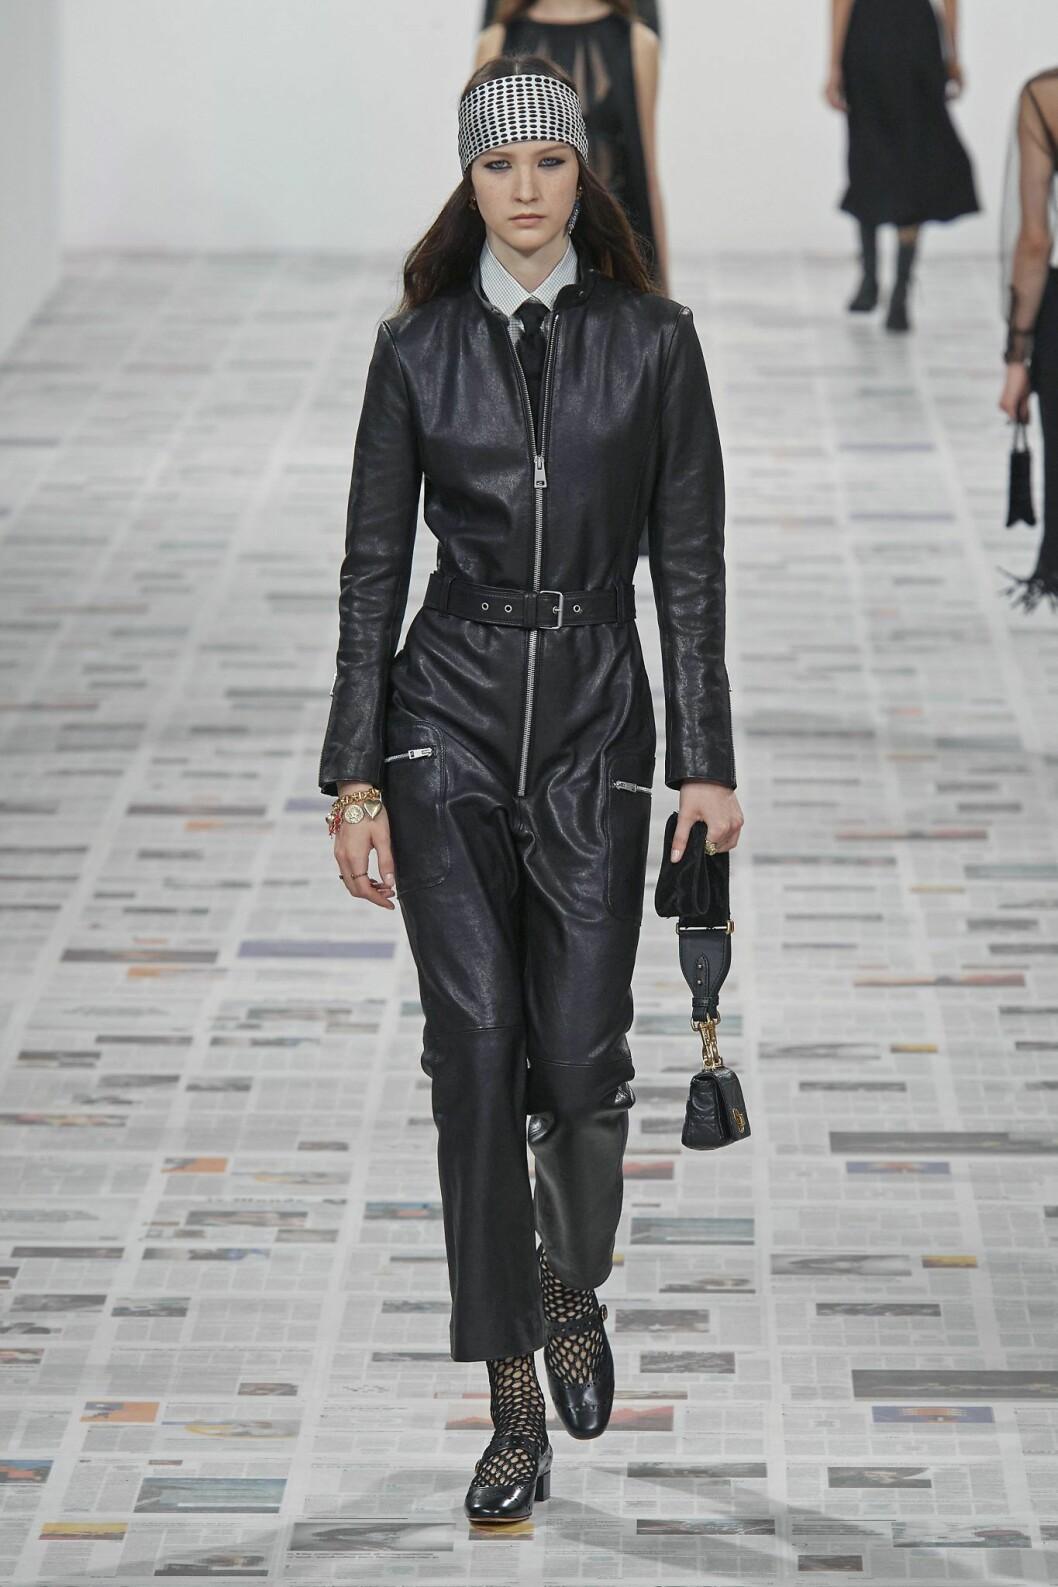 Läderuniform a la Dior.